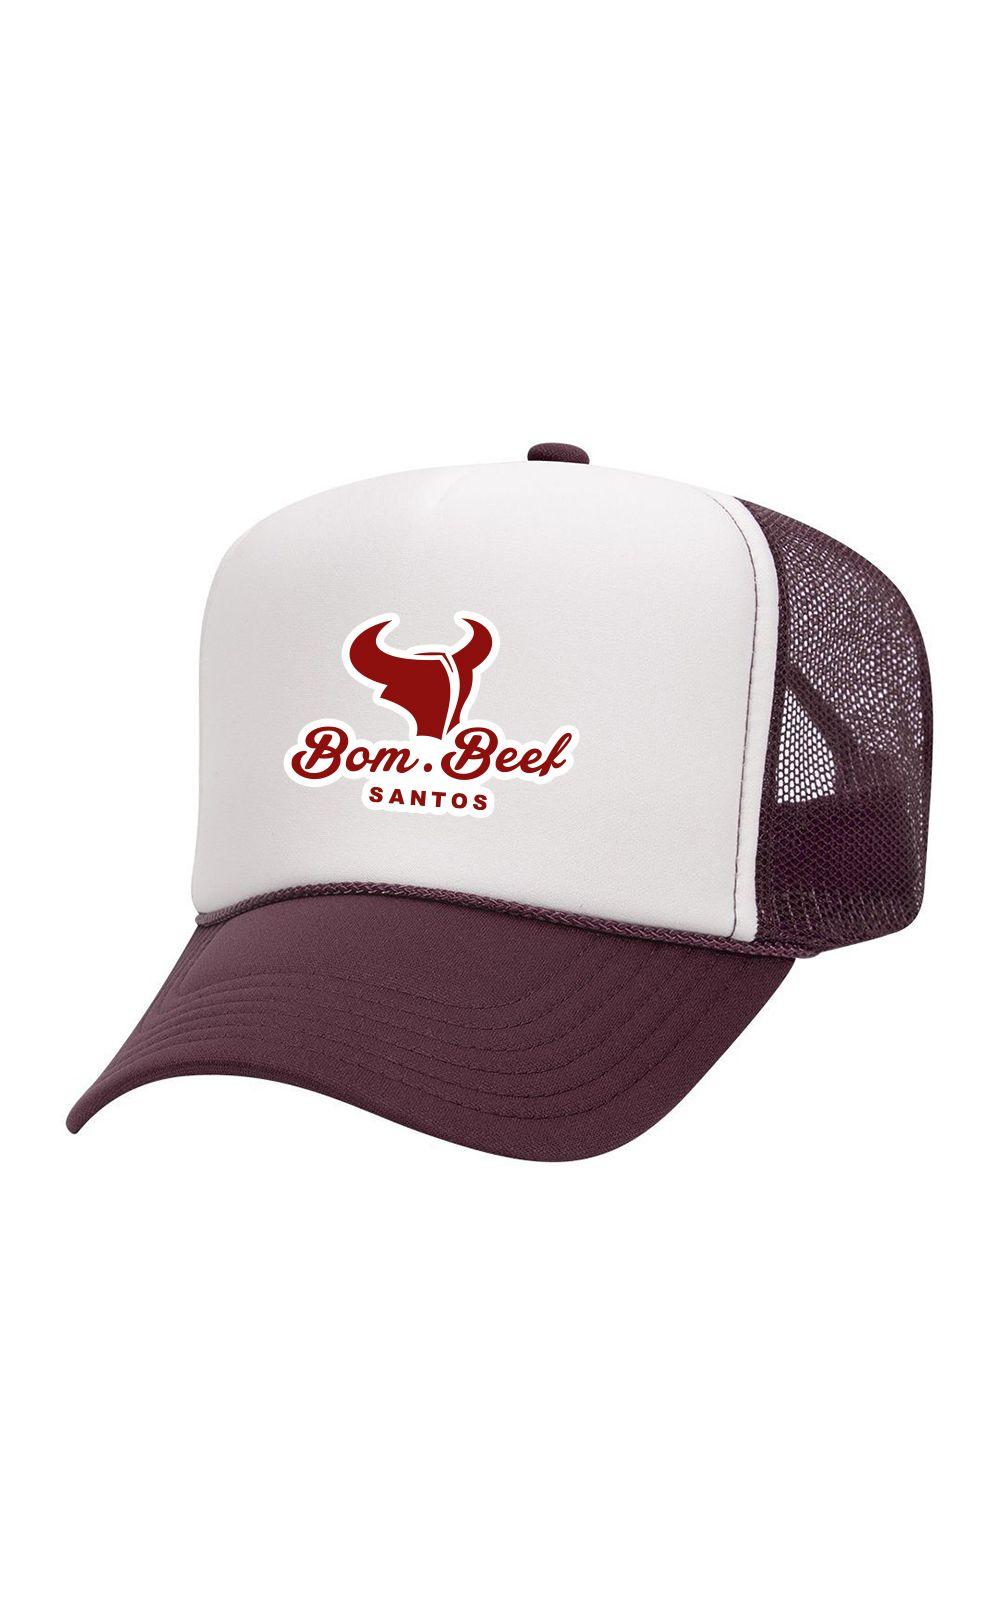 bones_bombeef_logo2_marron_wht